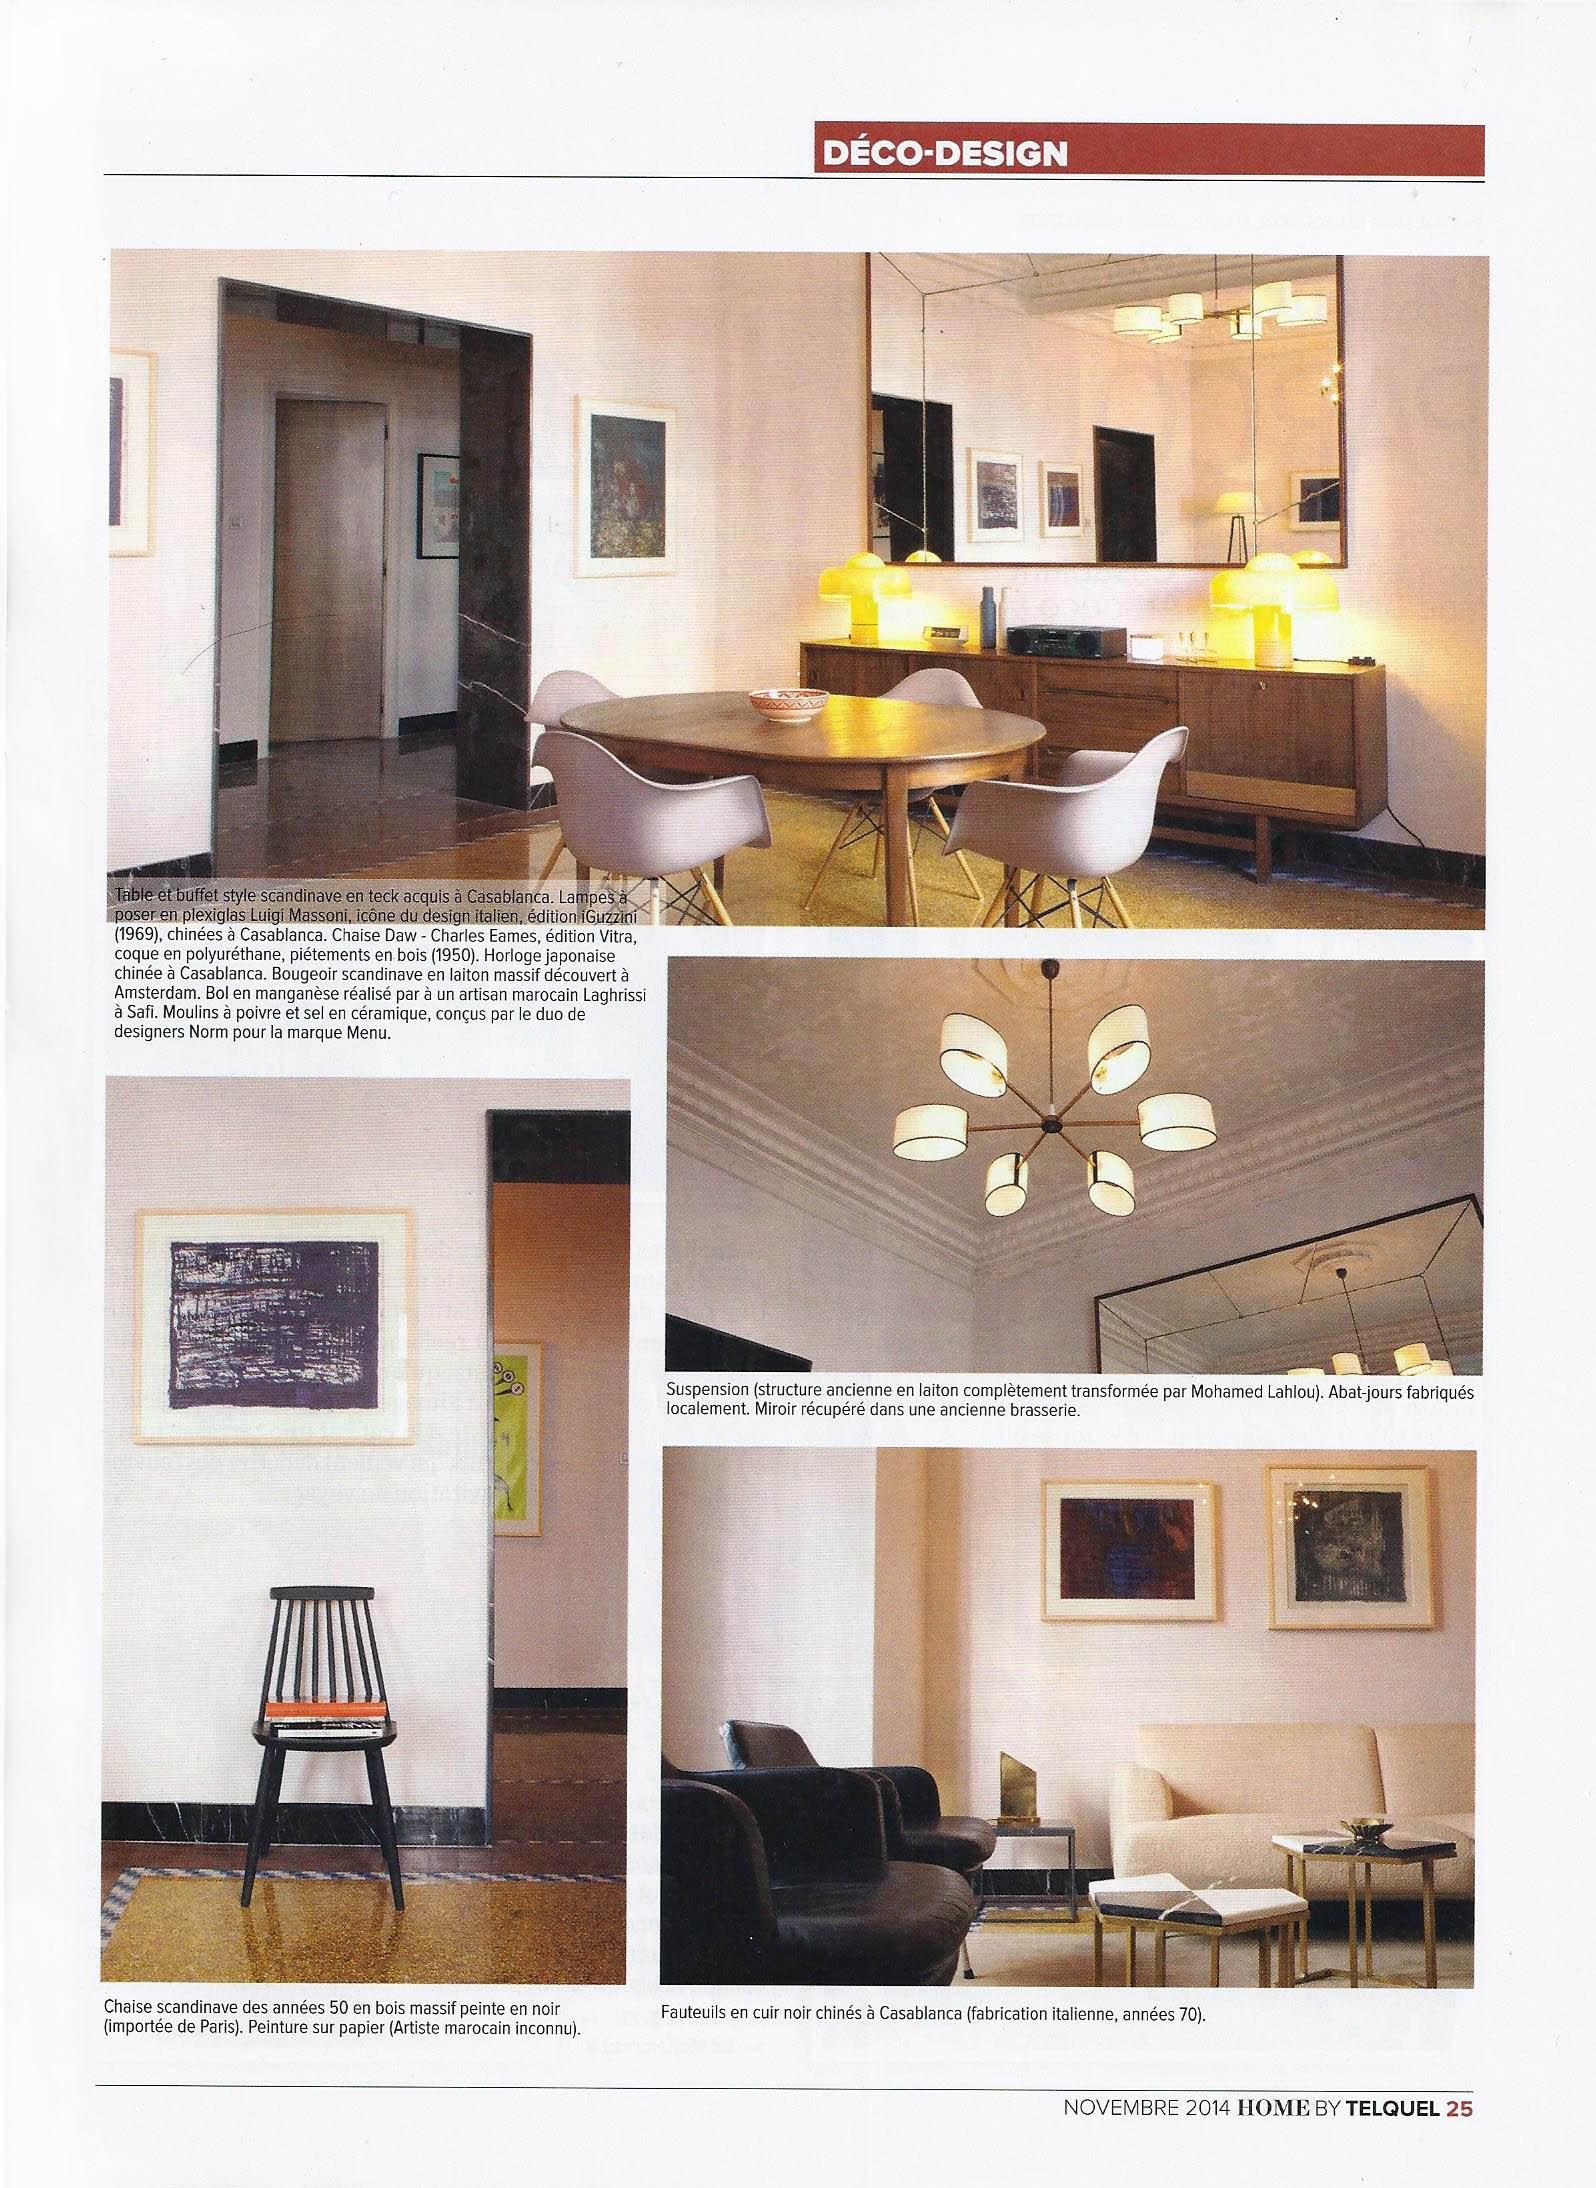 Lampe Suspension Papier Design presse — mohamed lahlou kitane / mlk / architecture et design